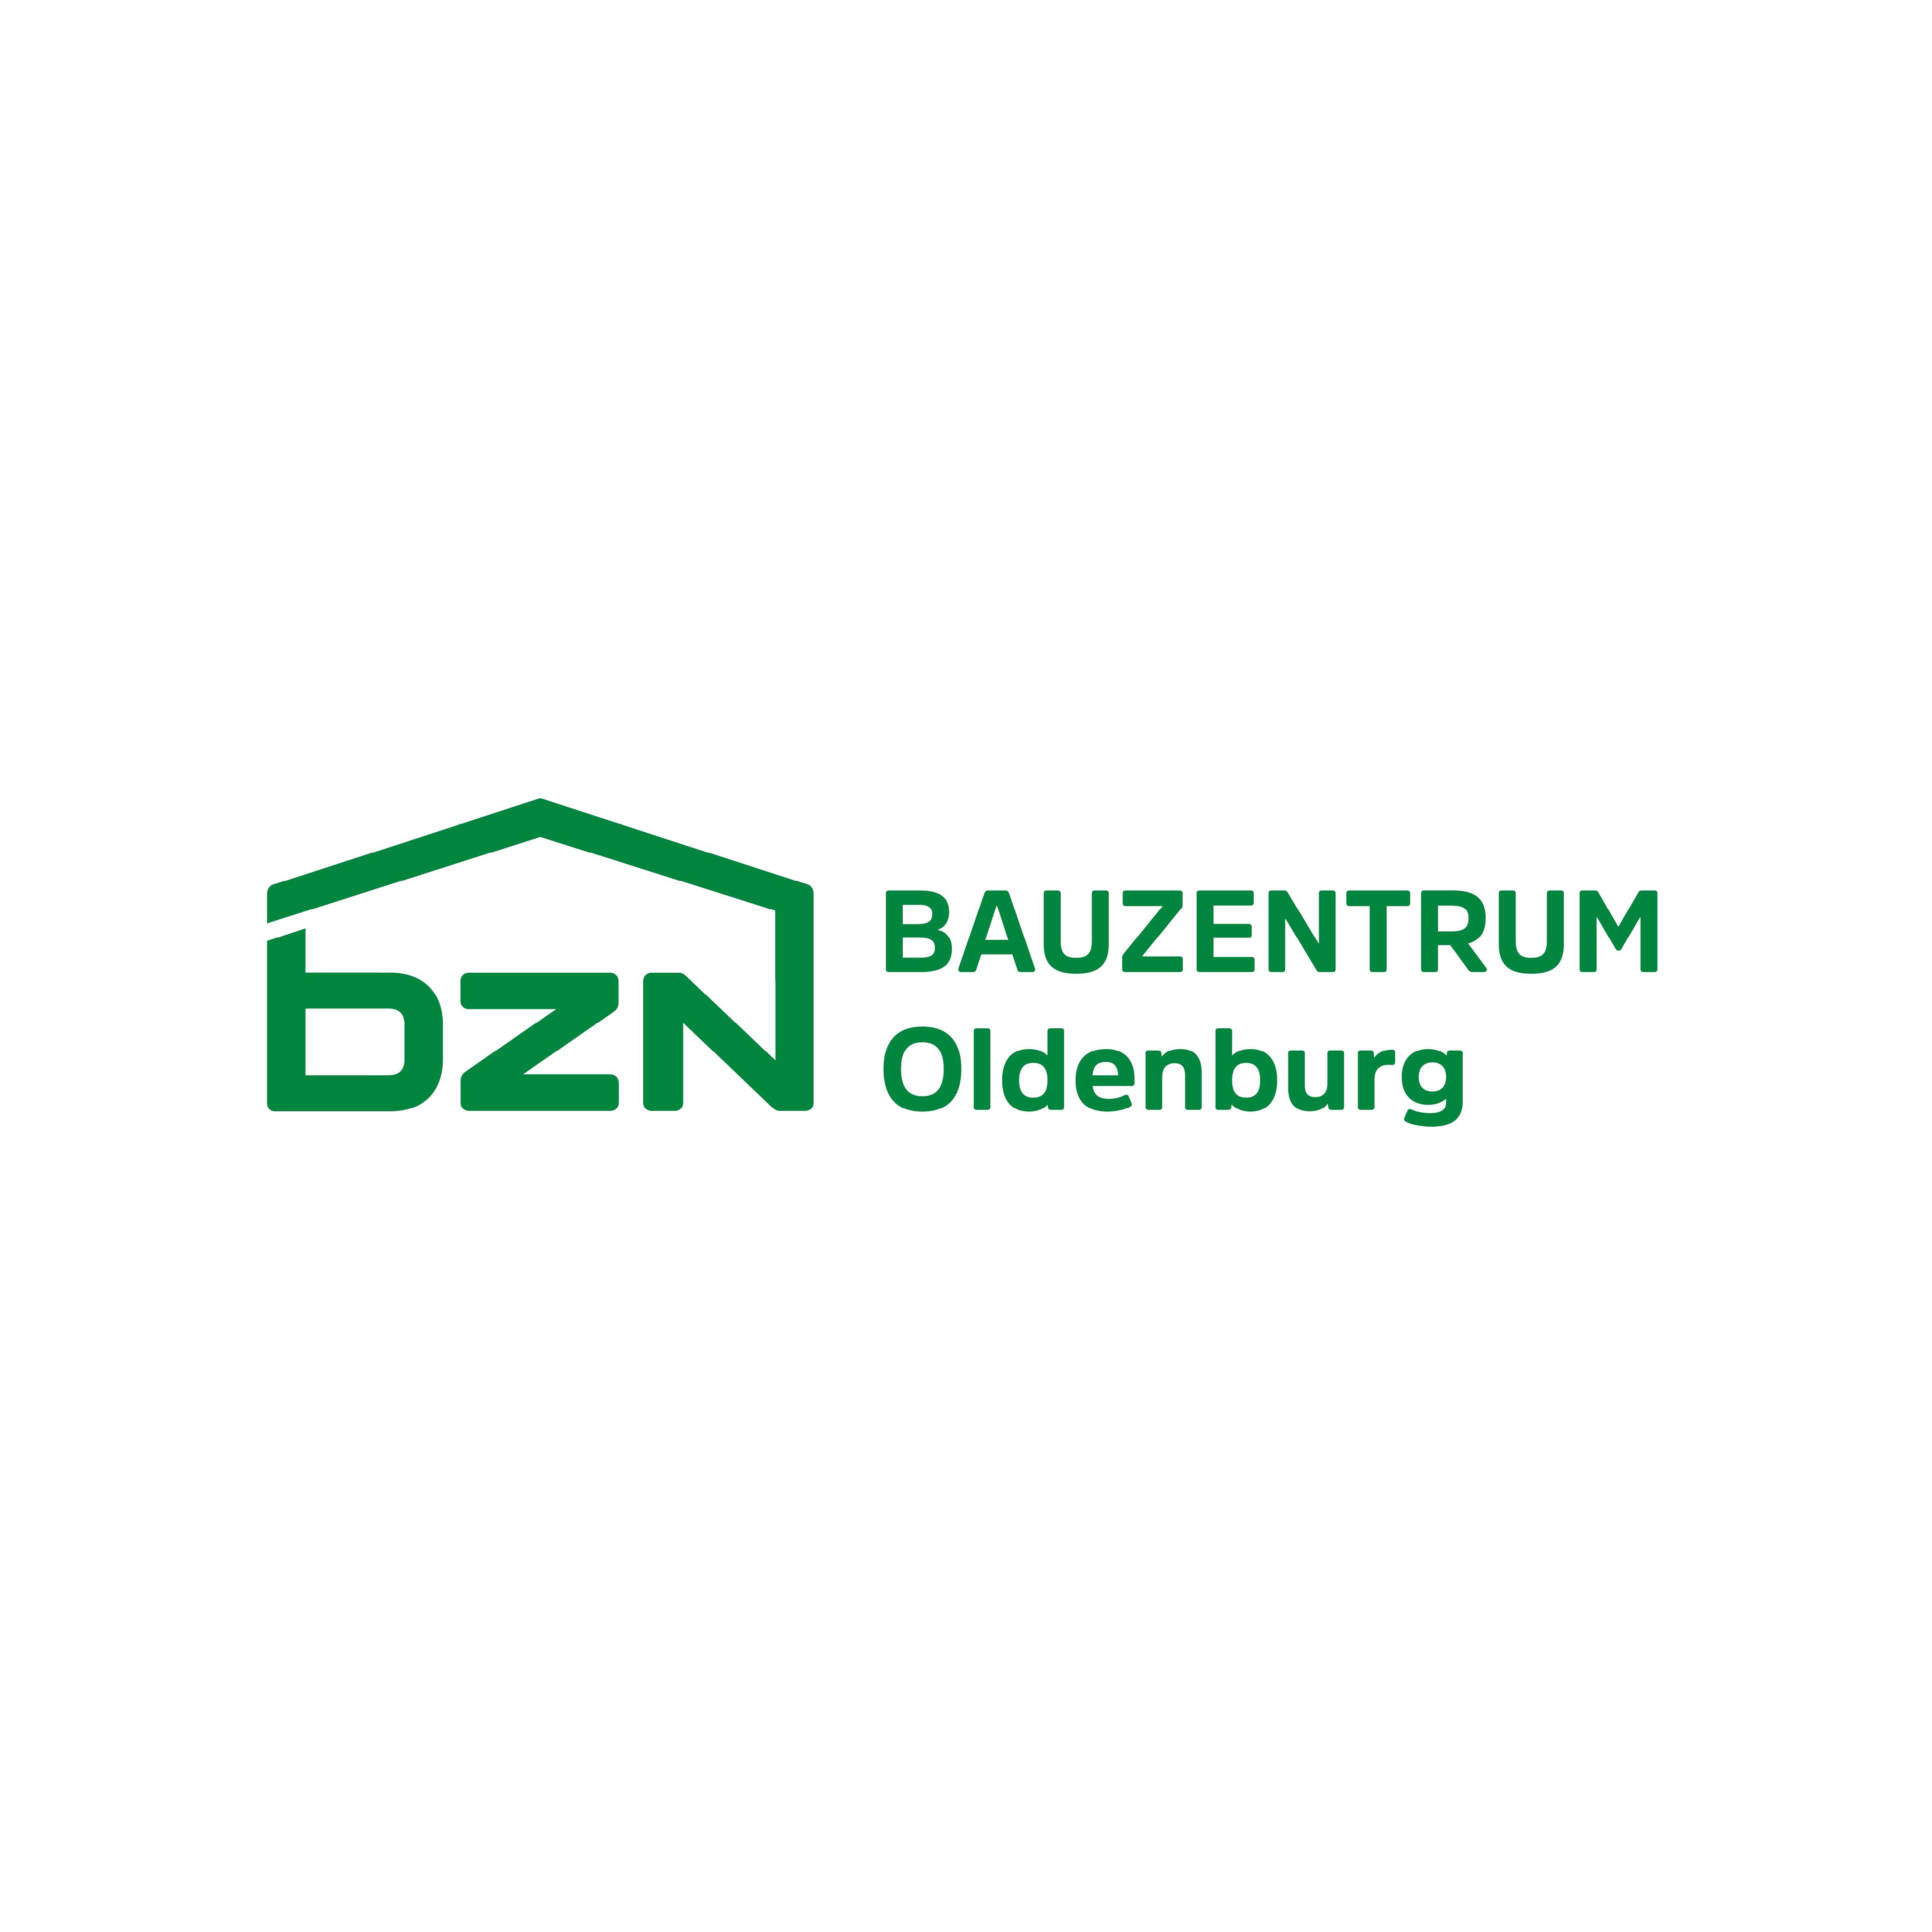 Bild zu BZN Bauzentrum Oldenburg GmbH & Co. KG in Oldenburg in Oldenburg